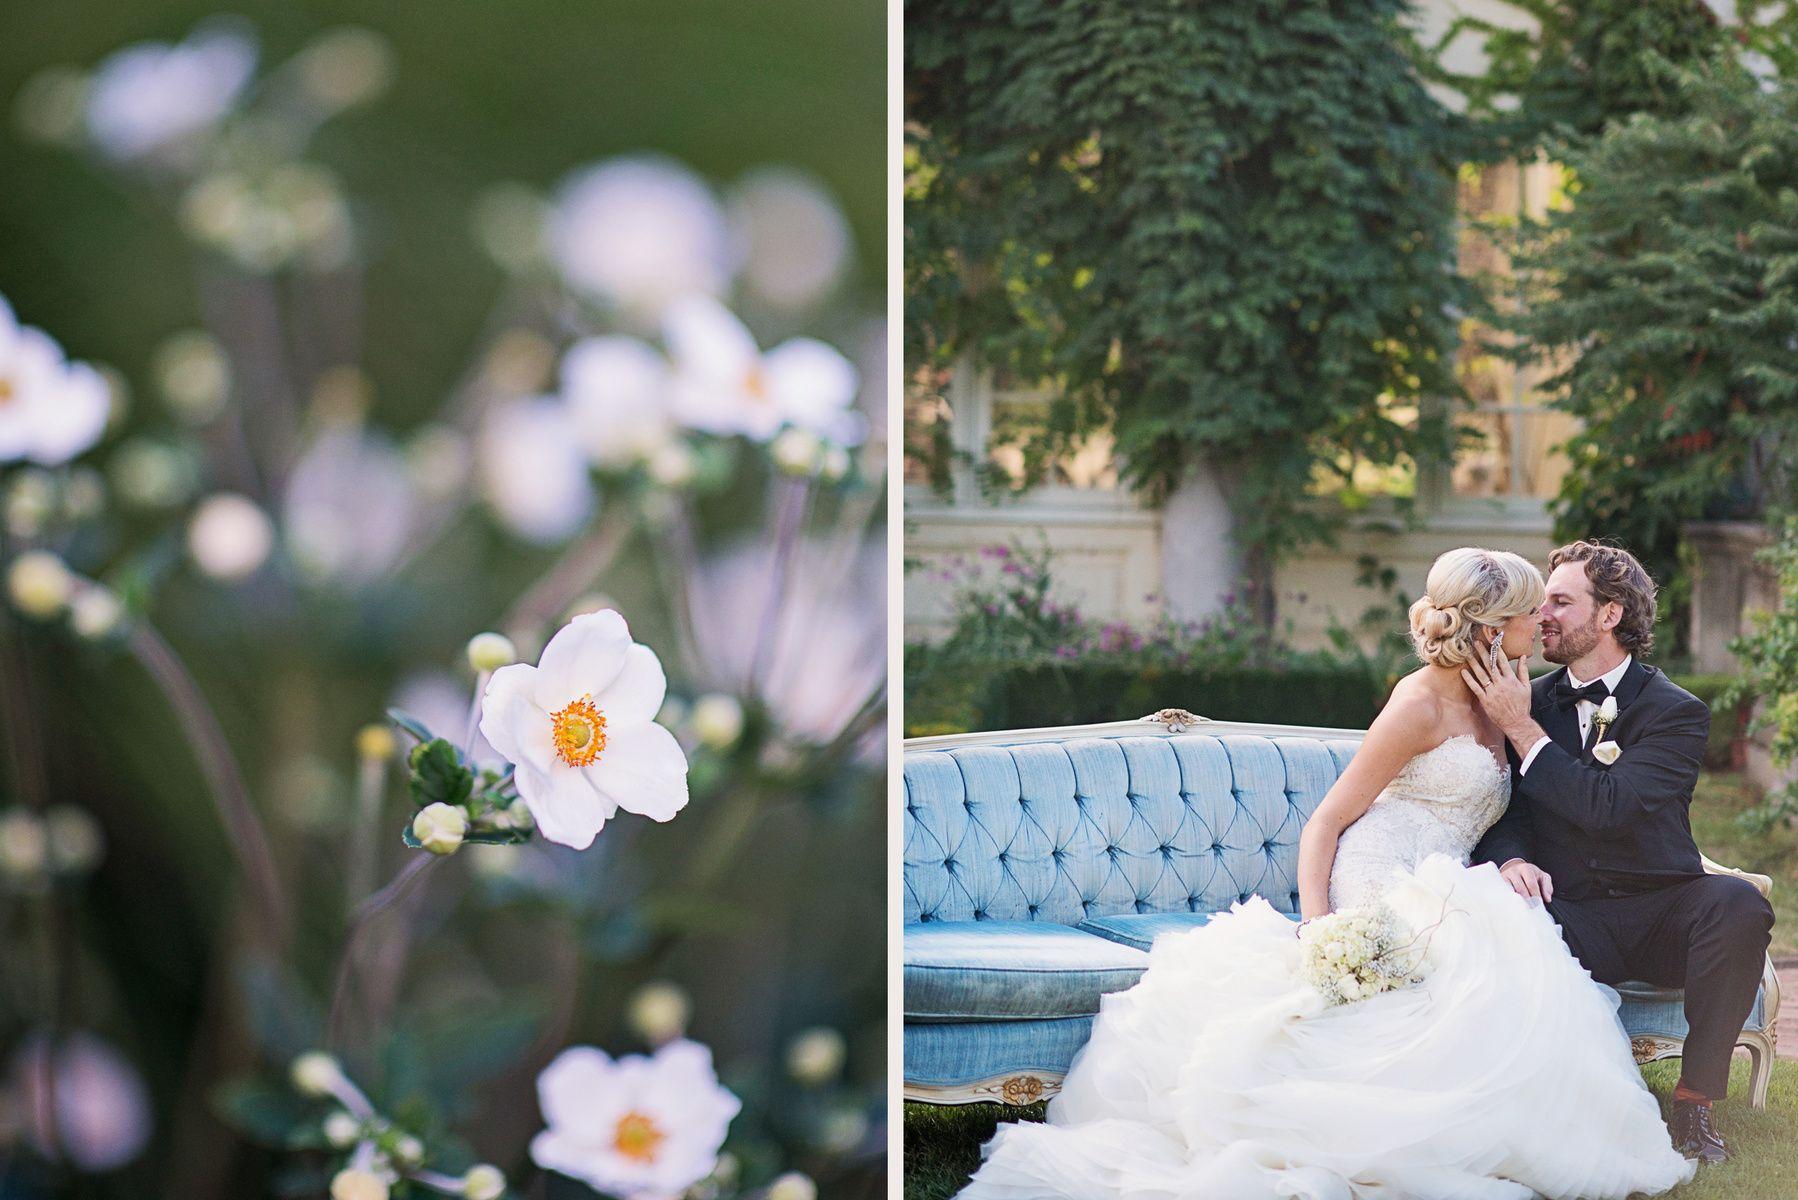 Alexandra Elise Photography - WEDDING PORTFOLIO